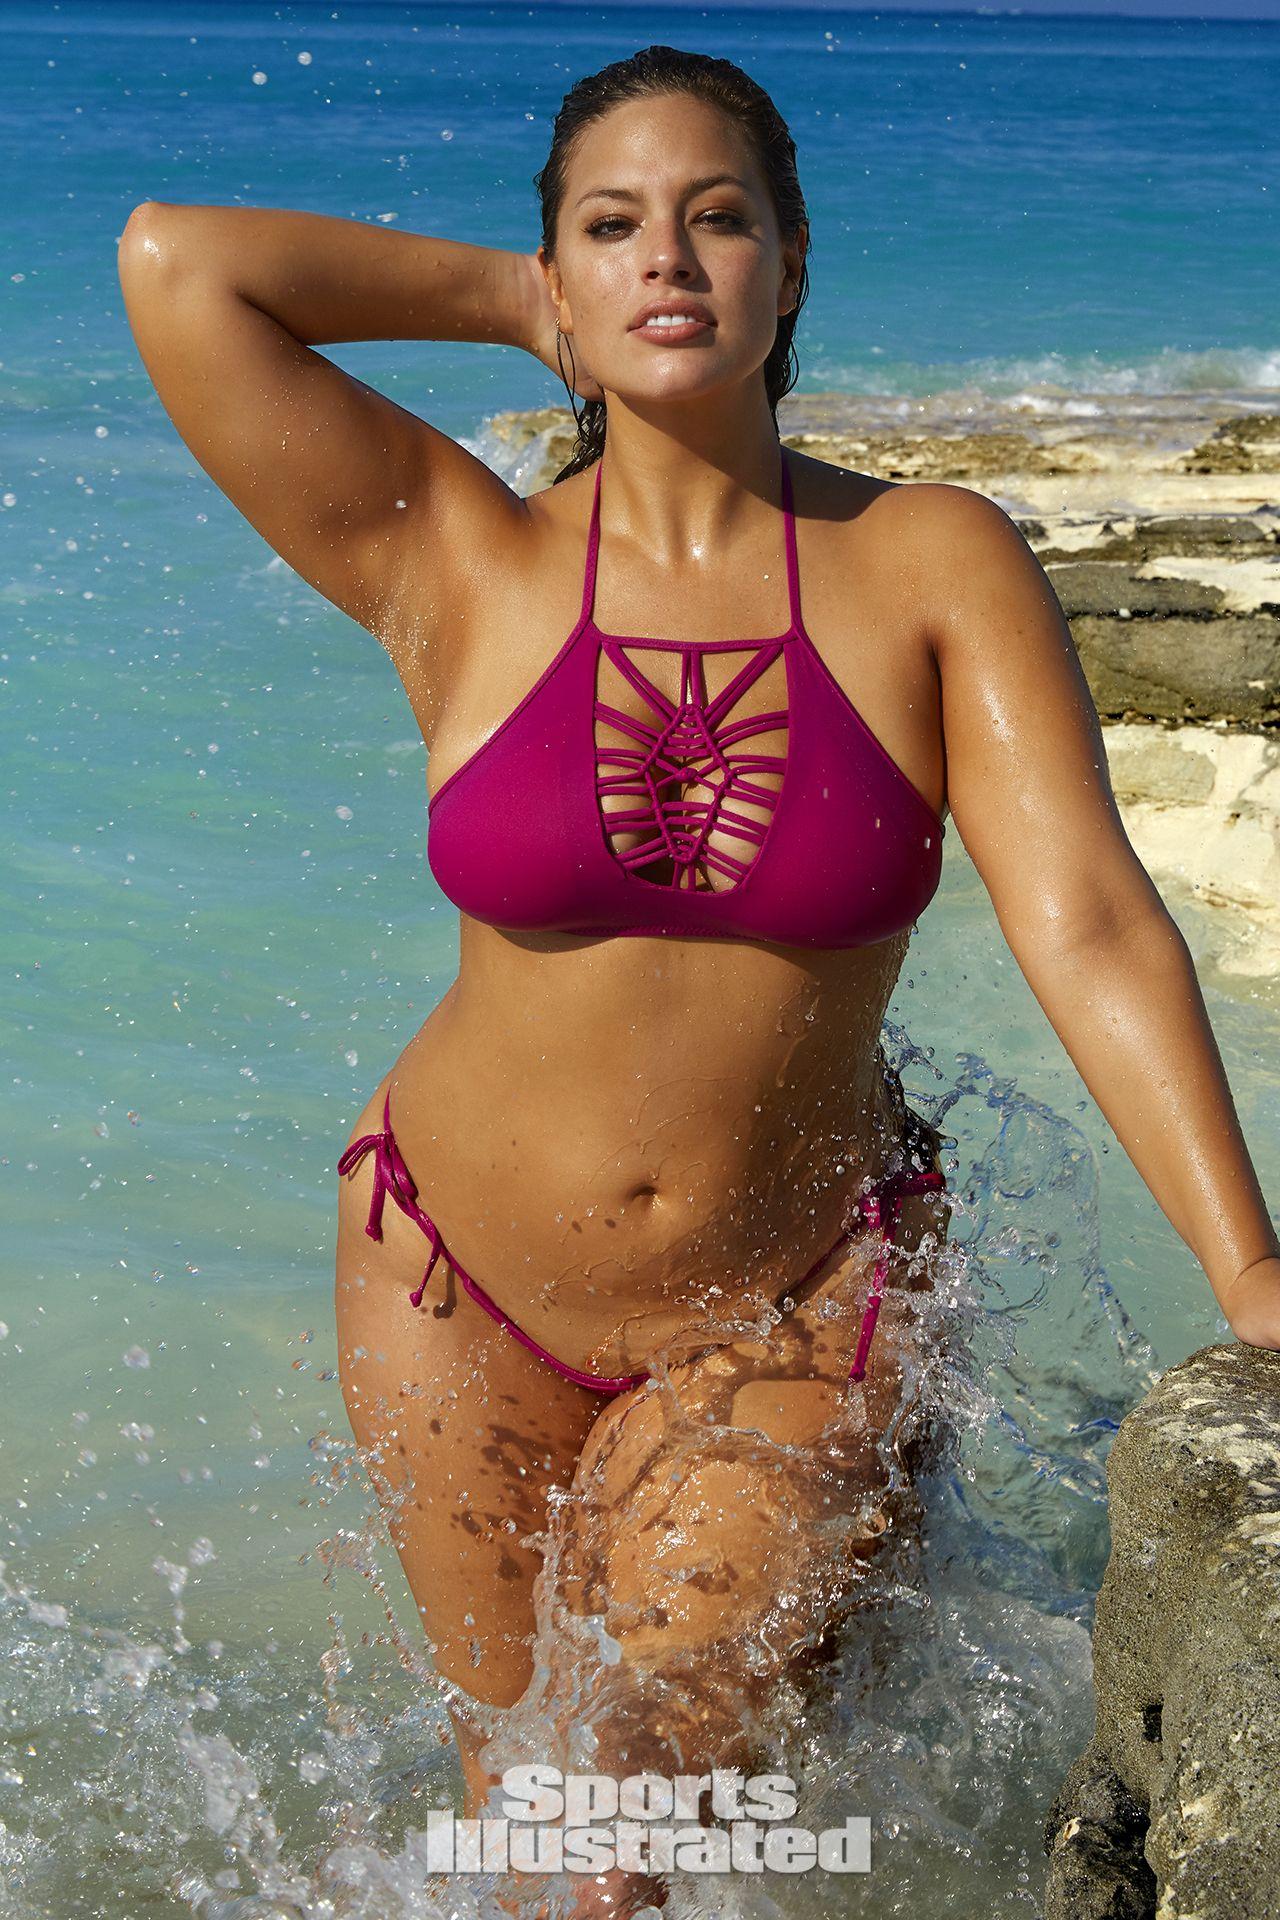 Rebecca bikini pics vid gallery